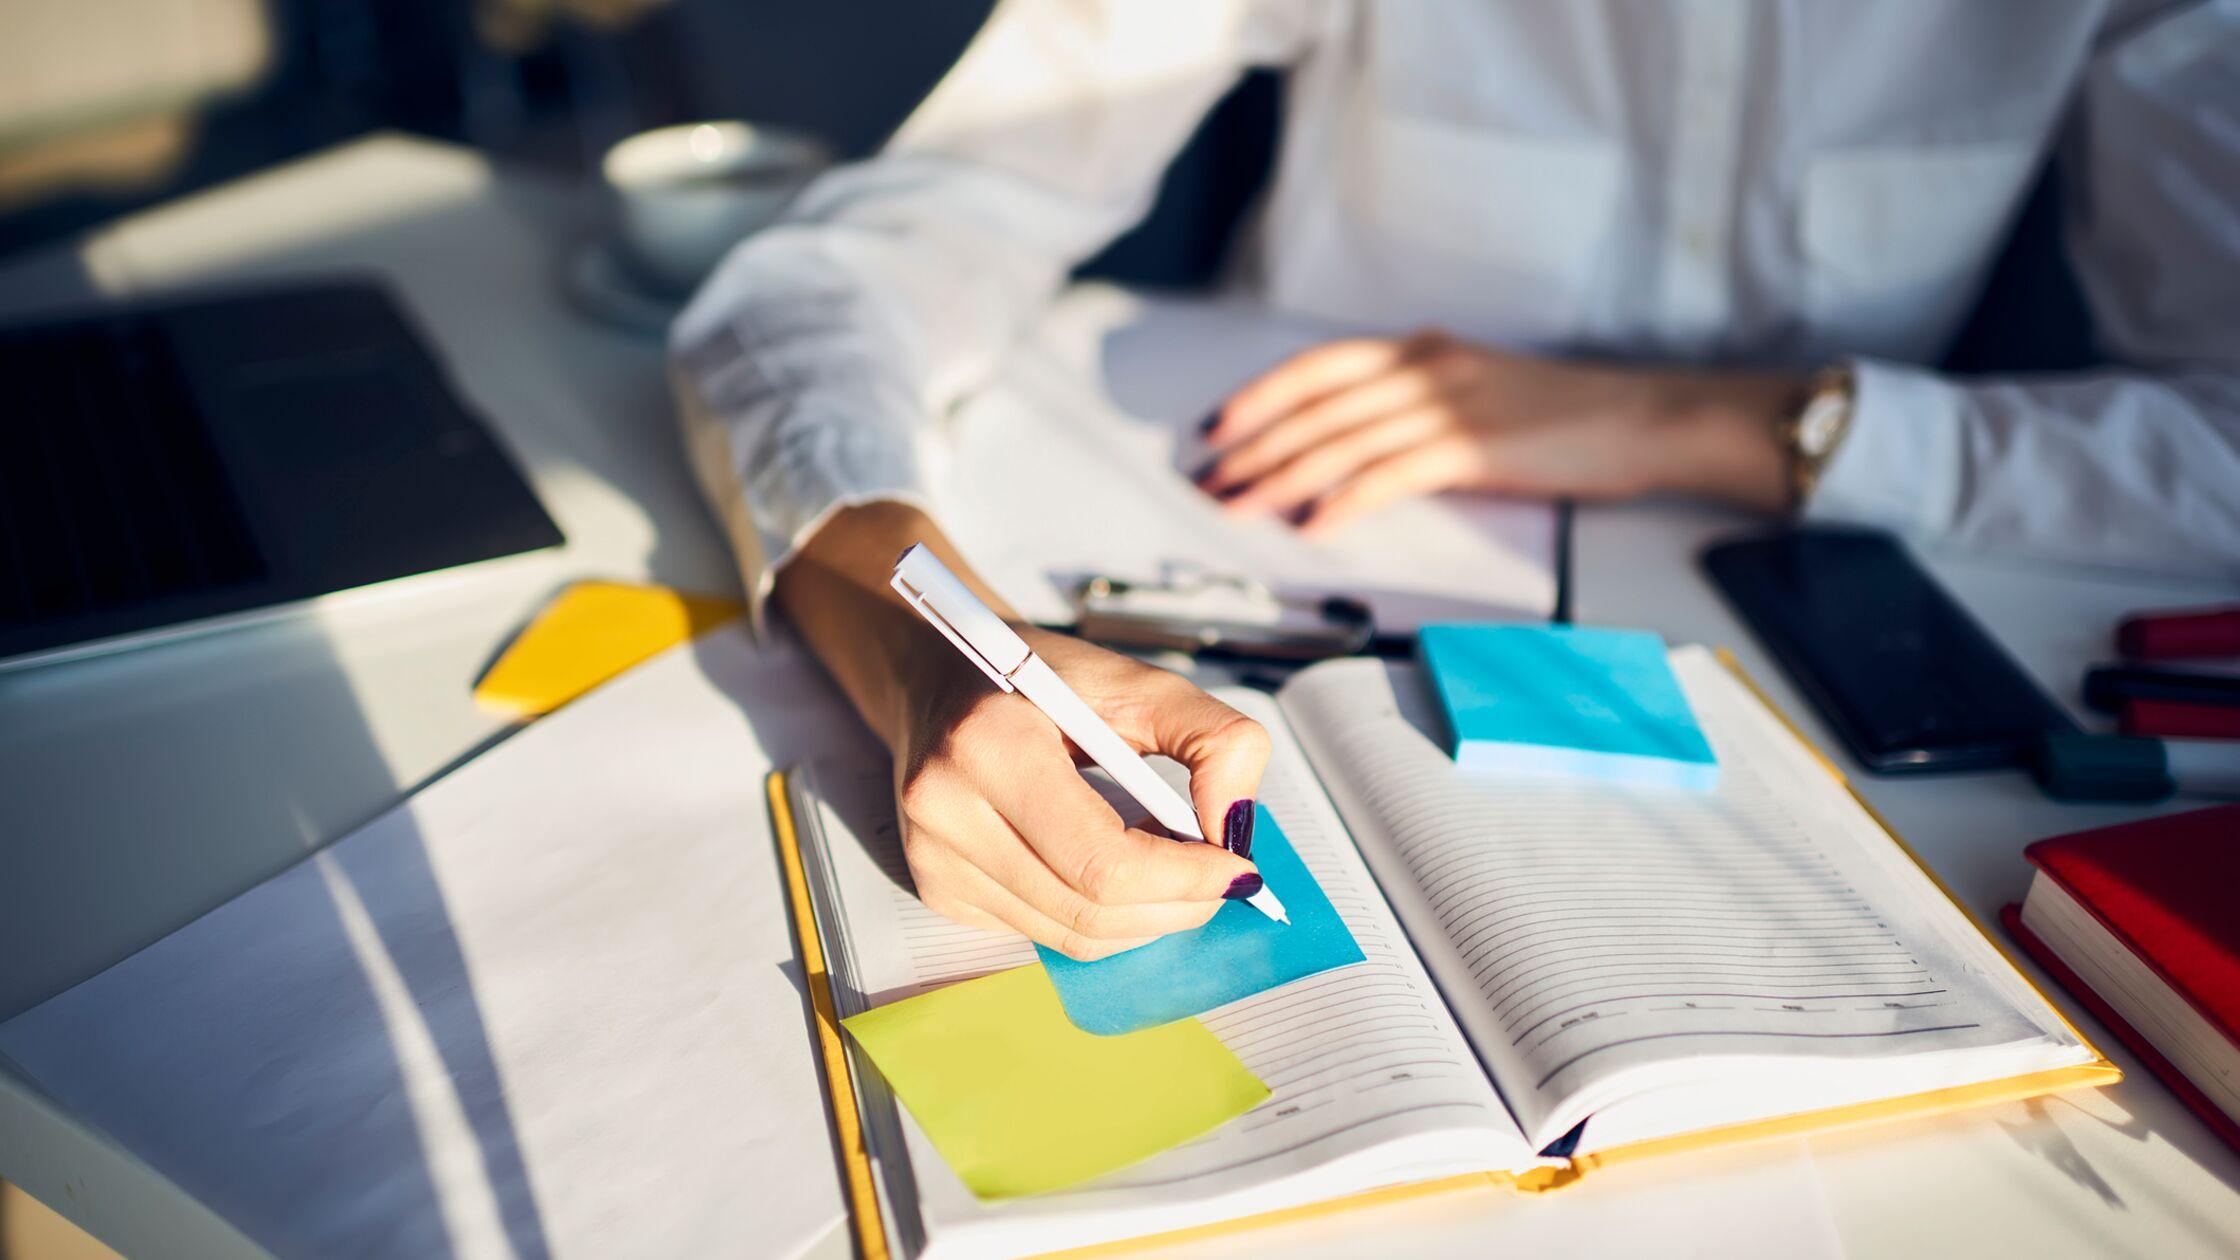 Frau schreibt in ein Notizbuch voller Notizzettel